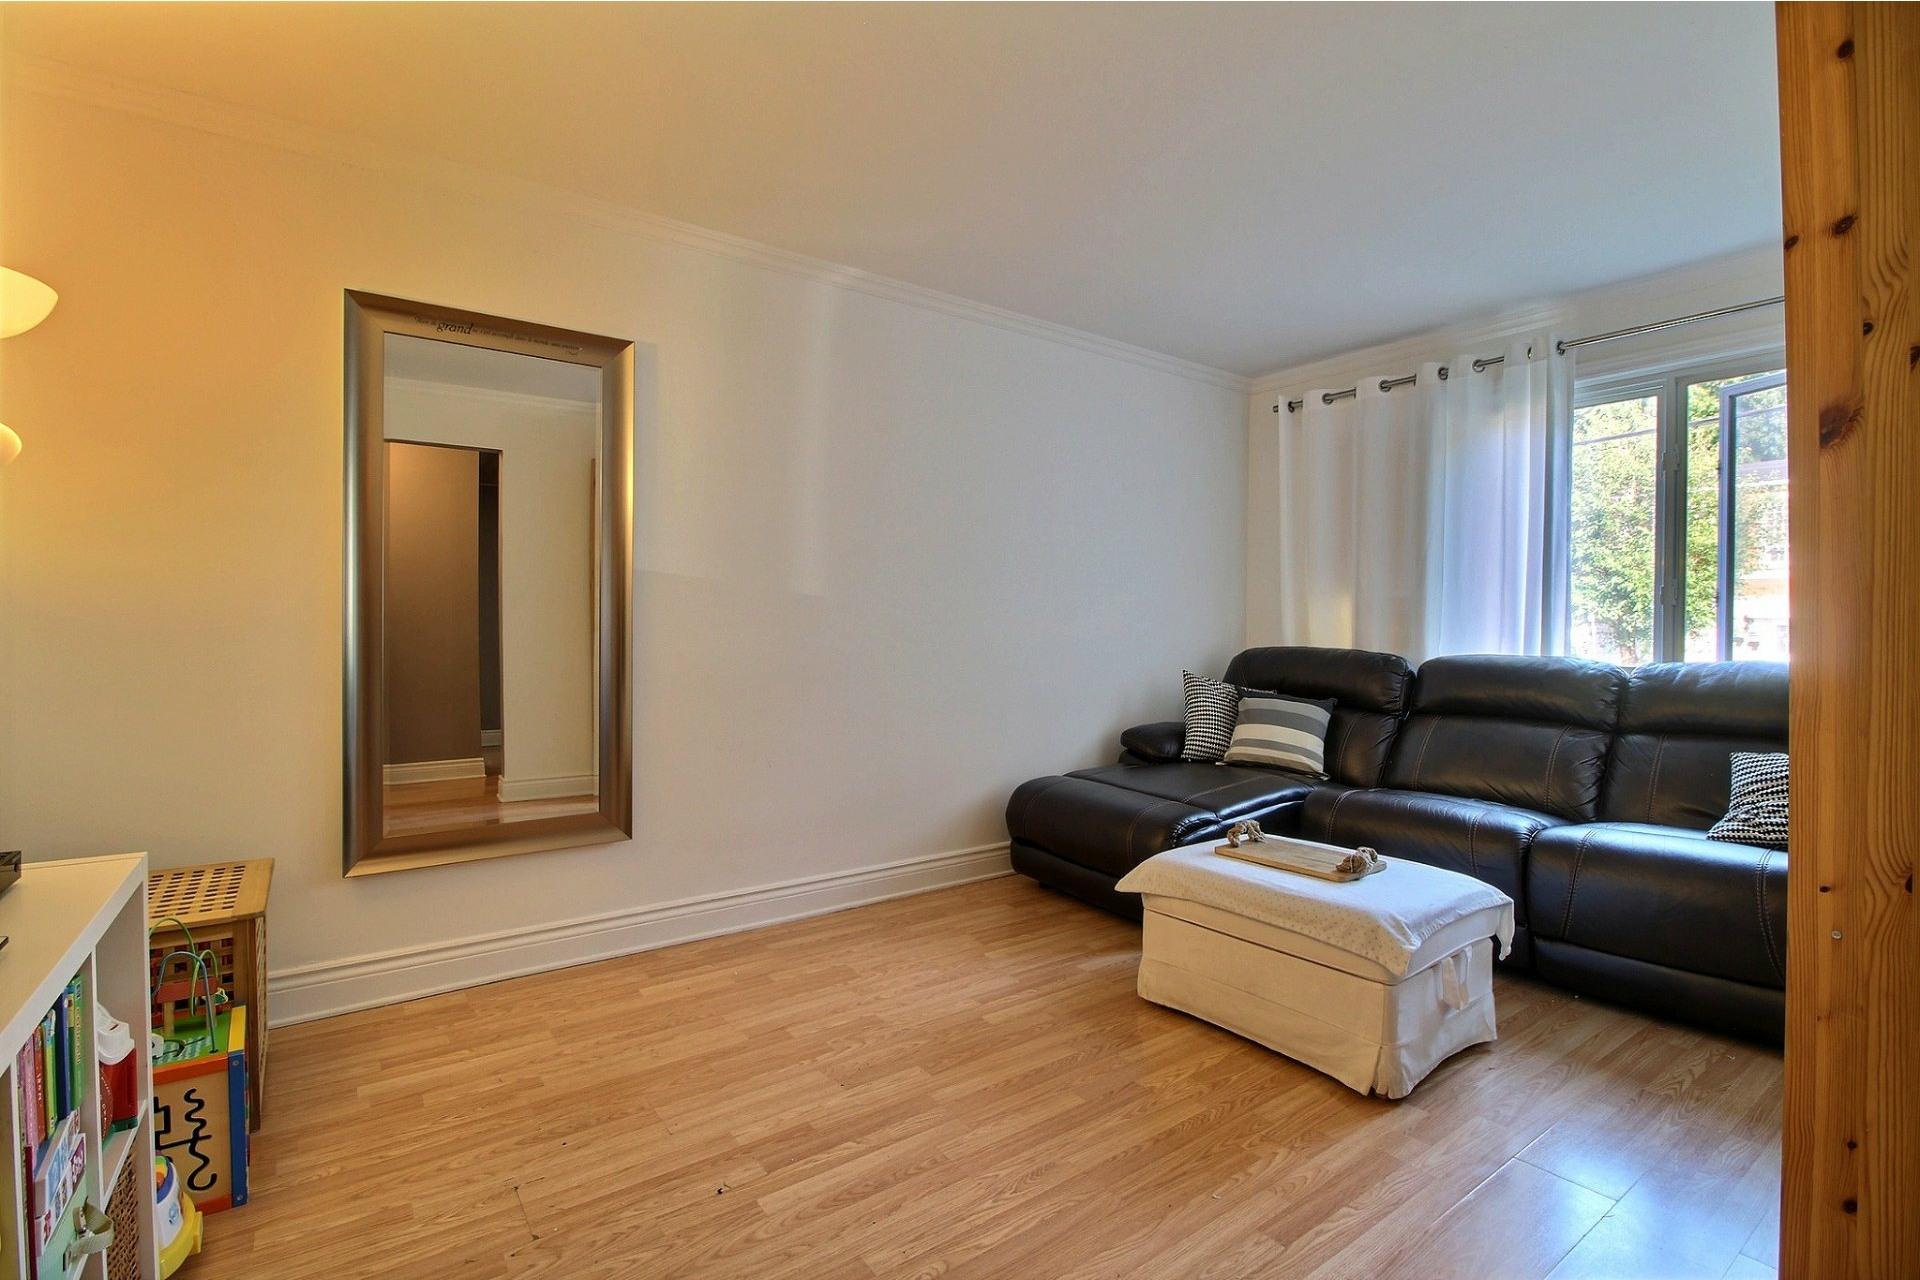 image 13 - Duplex À vendre Montréal Rivière-des-Prairies/Pointe-aux-Trembles  - 4 pièces